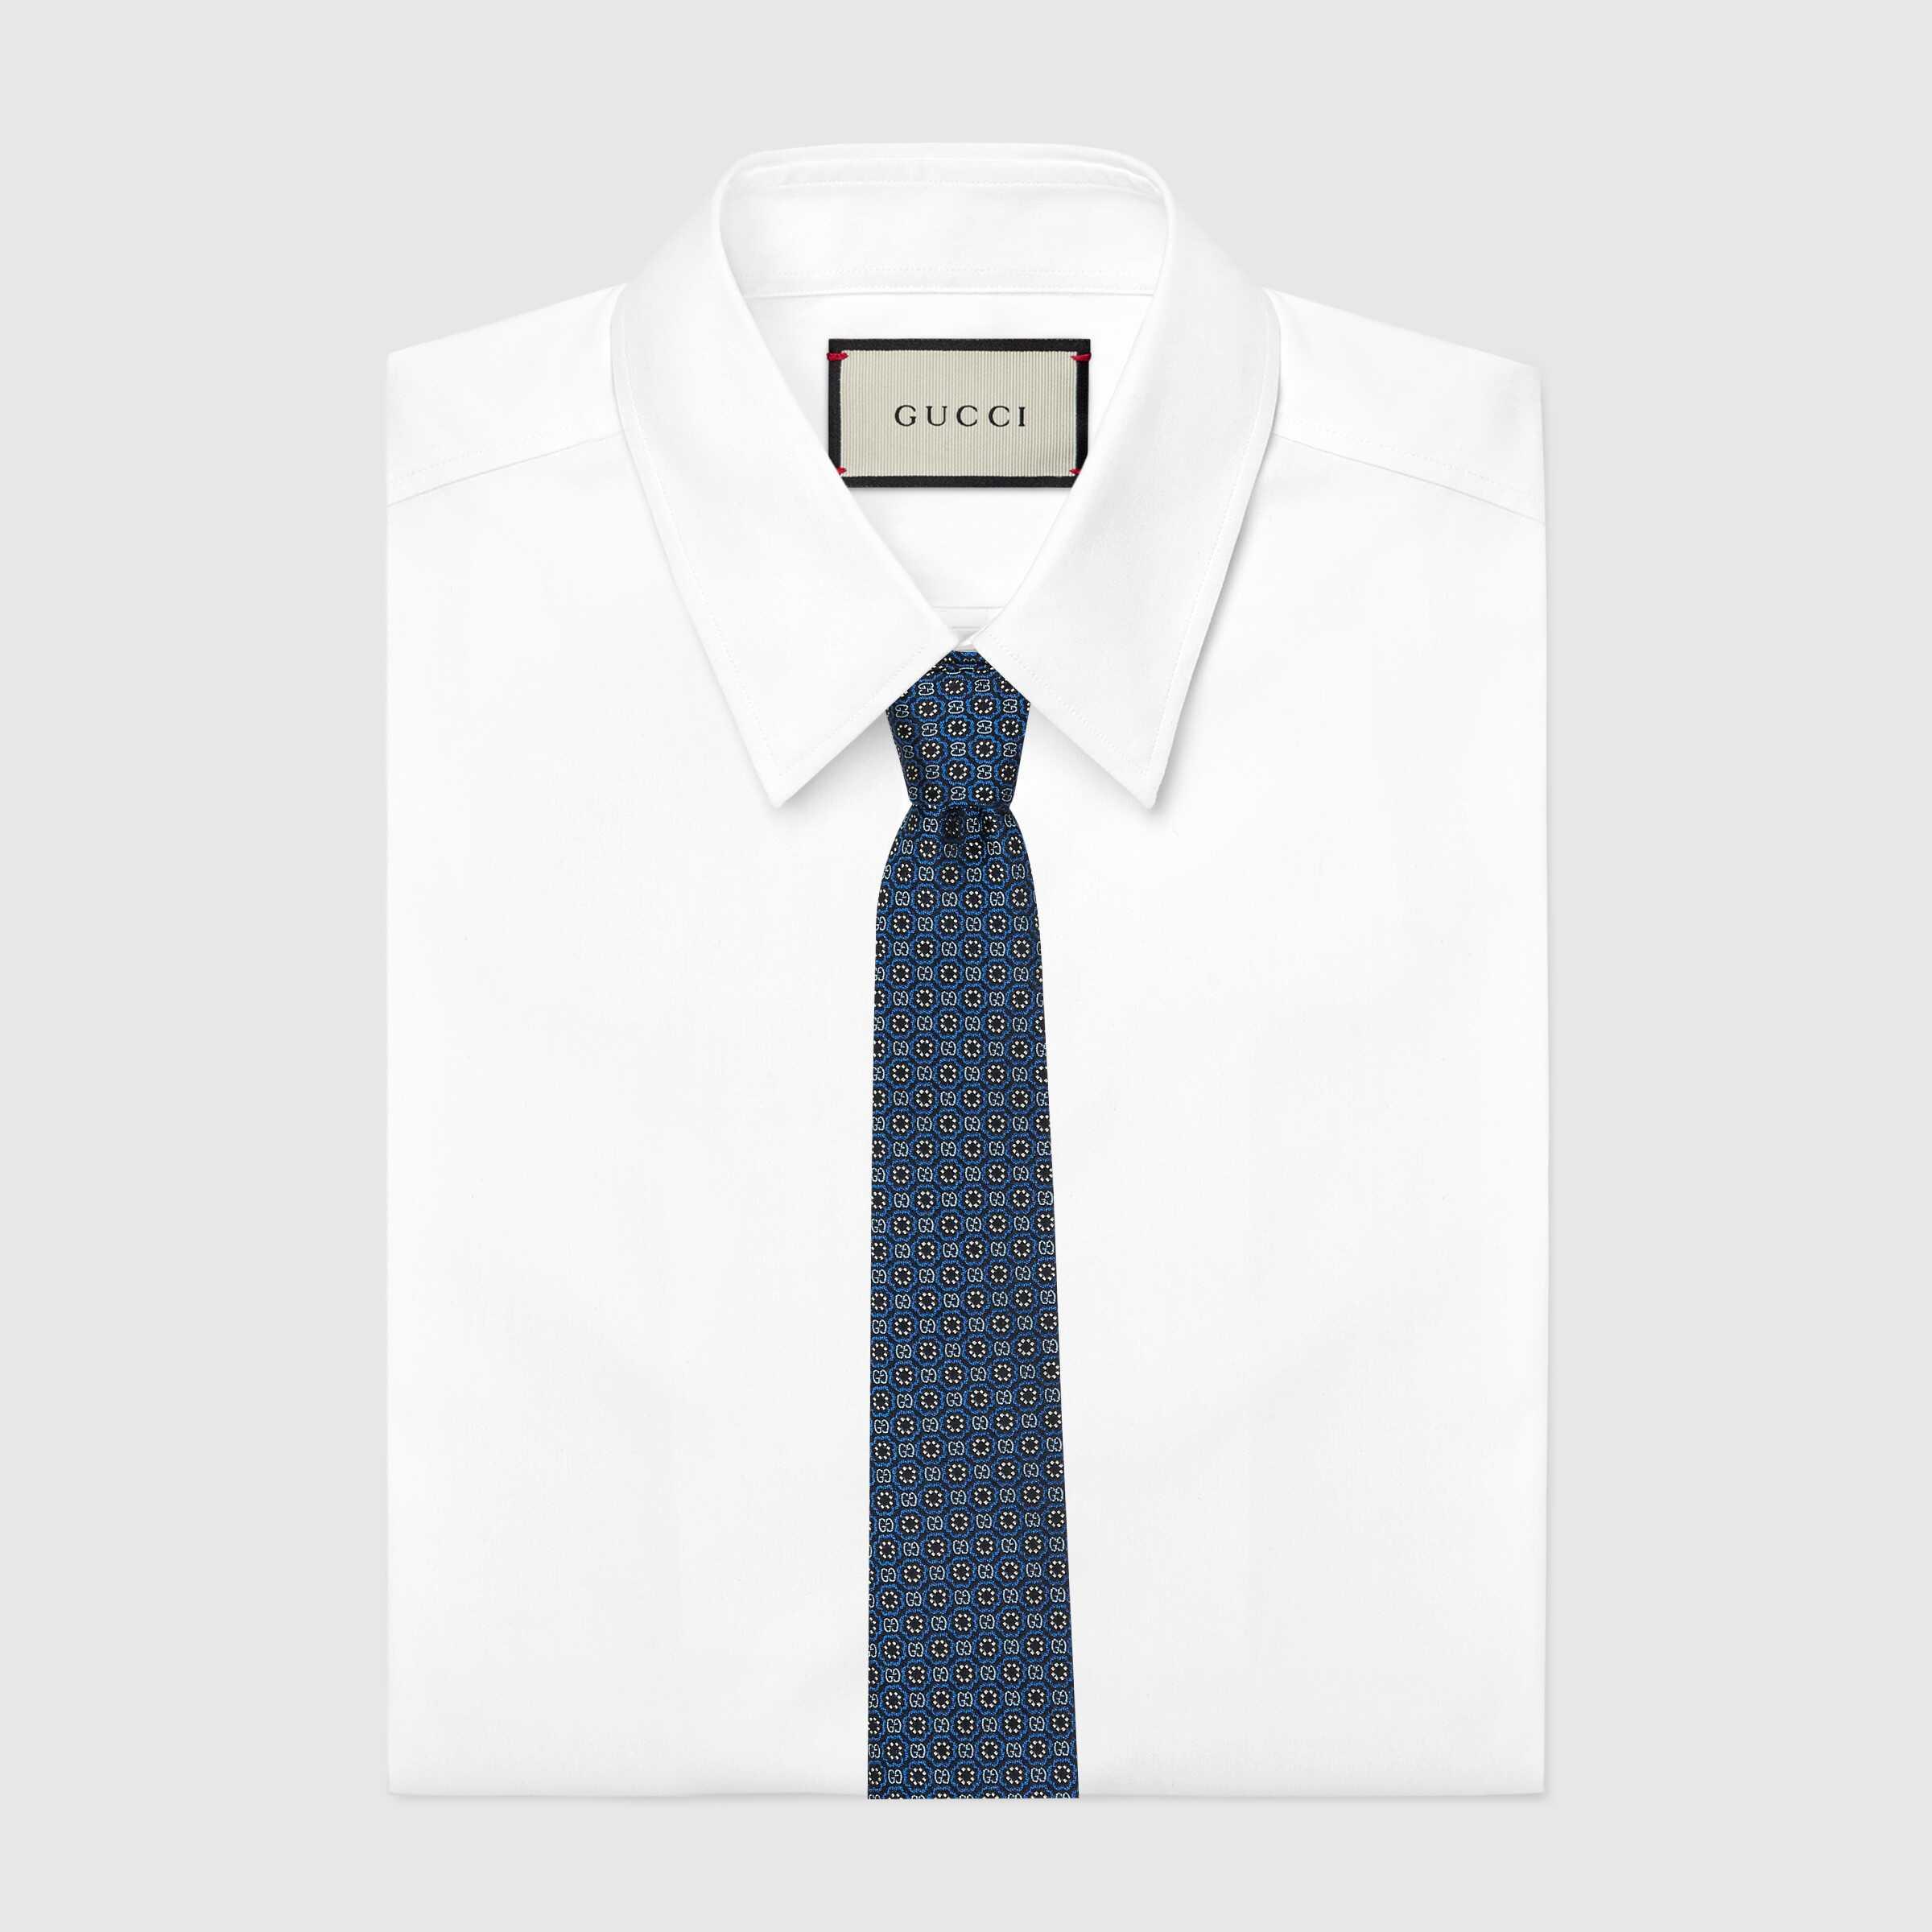 유럽직배송 구찌 GUCCI Gucci - Ken Scott x Gucci monogram silk tie 6439964E0024878